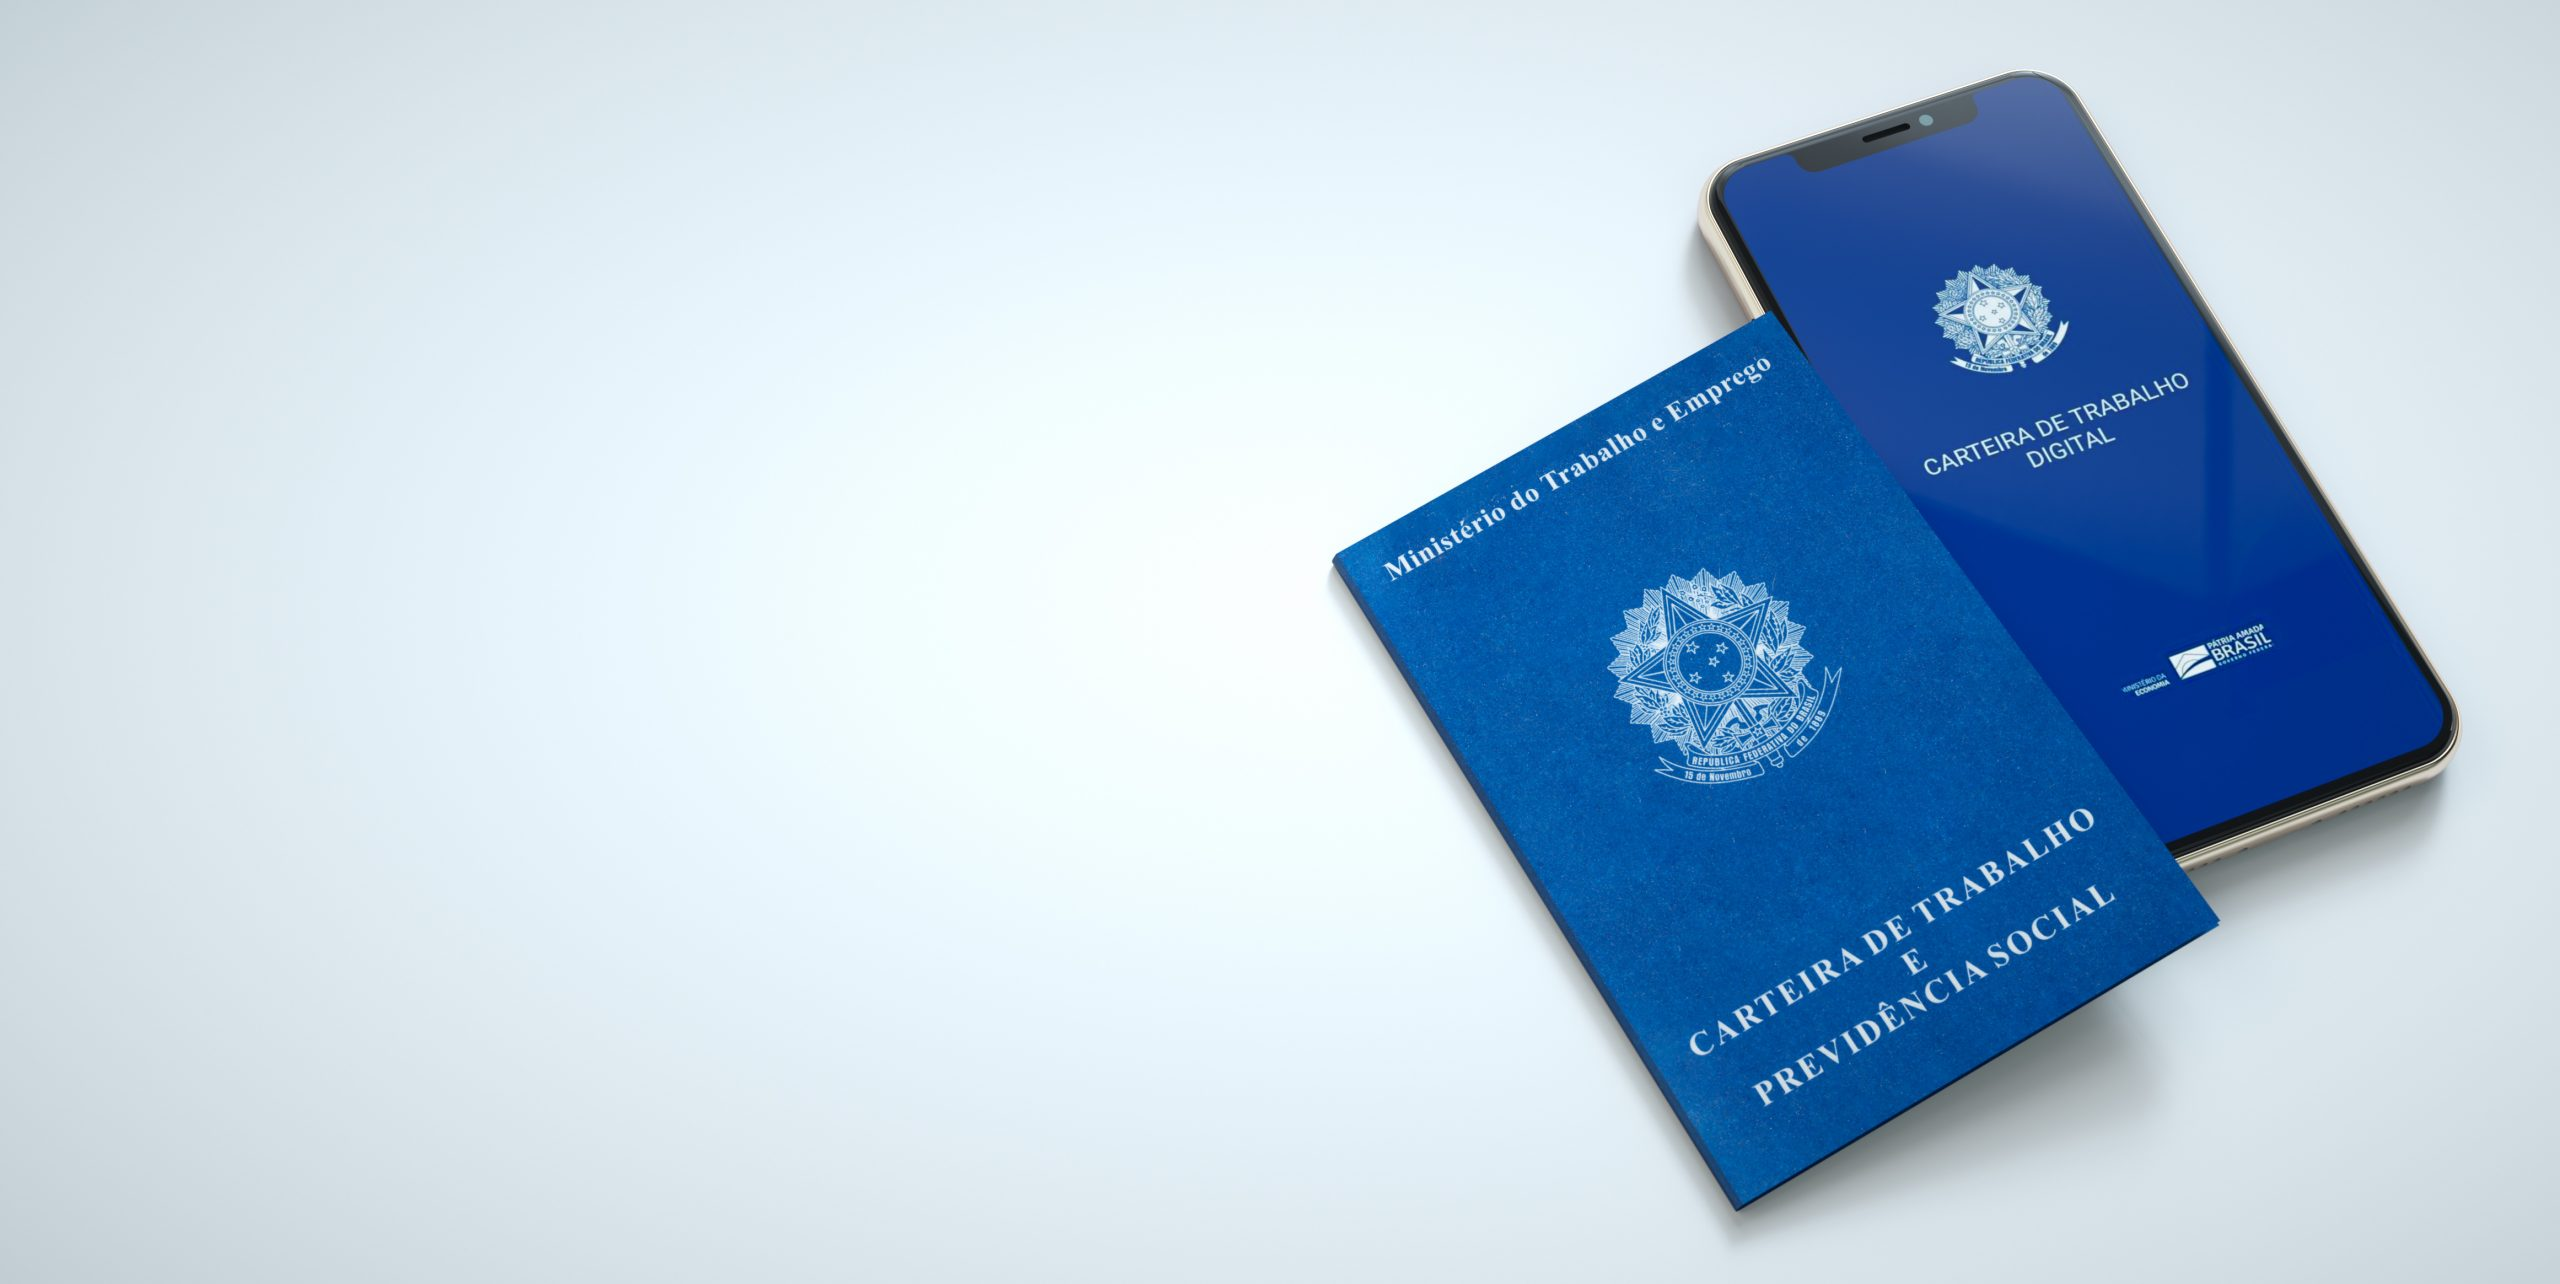 Guia prático da pejotização: o que fazer para receber os seus direitos